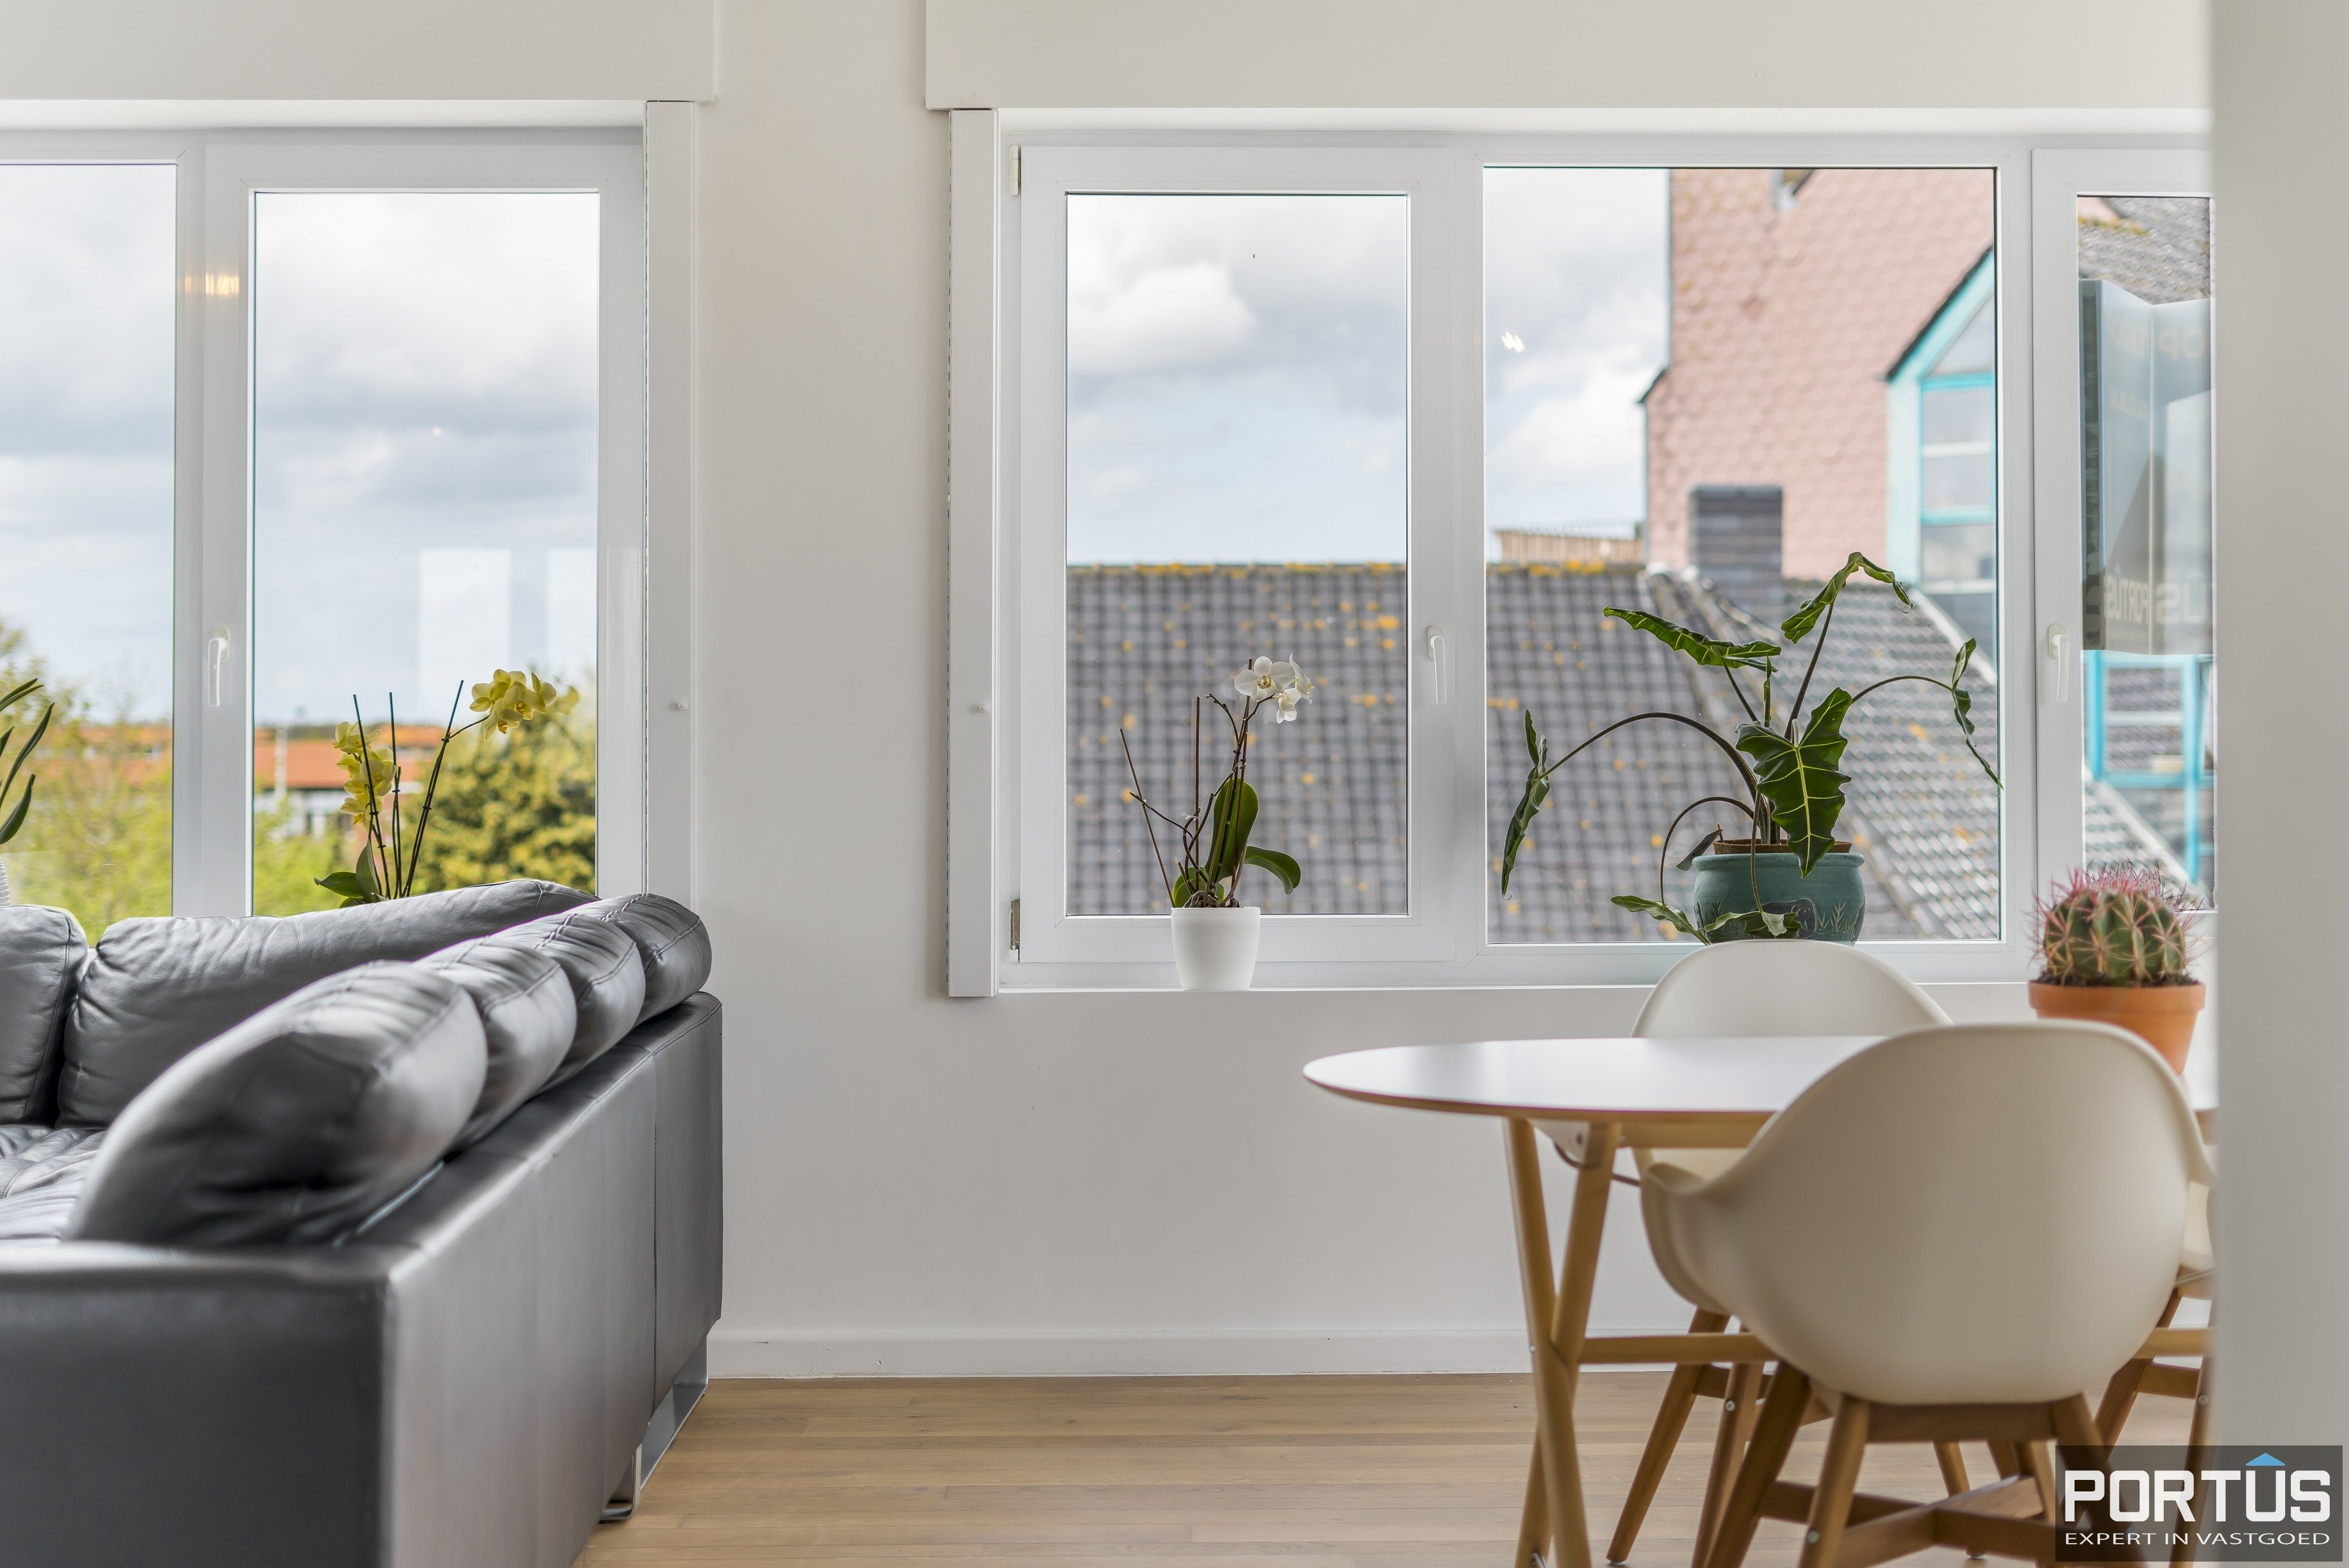 Appartement met 3 slaapkamers te koop te Westende - 13503